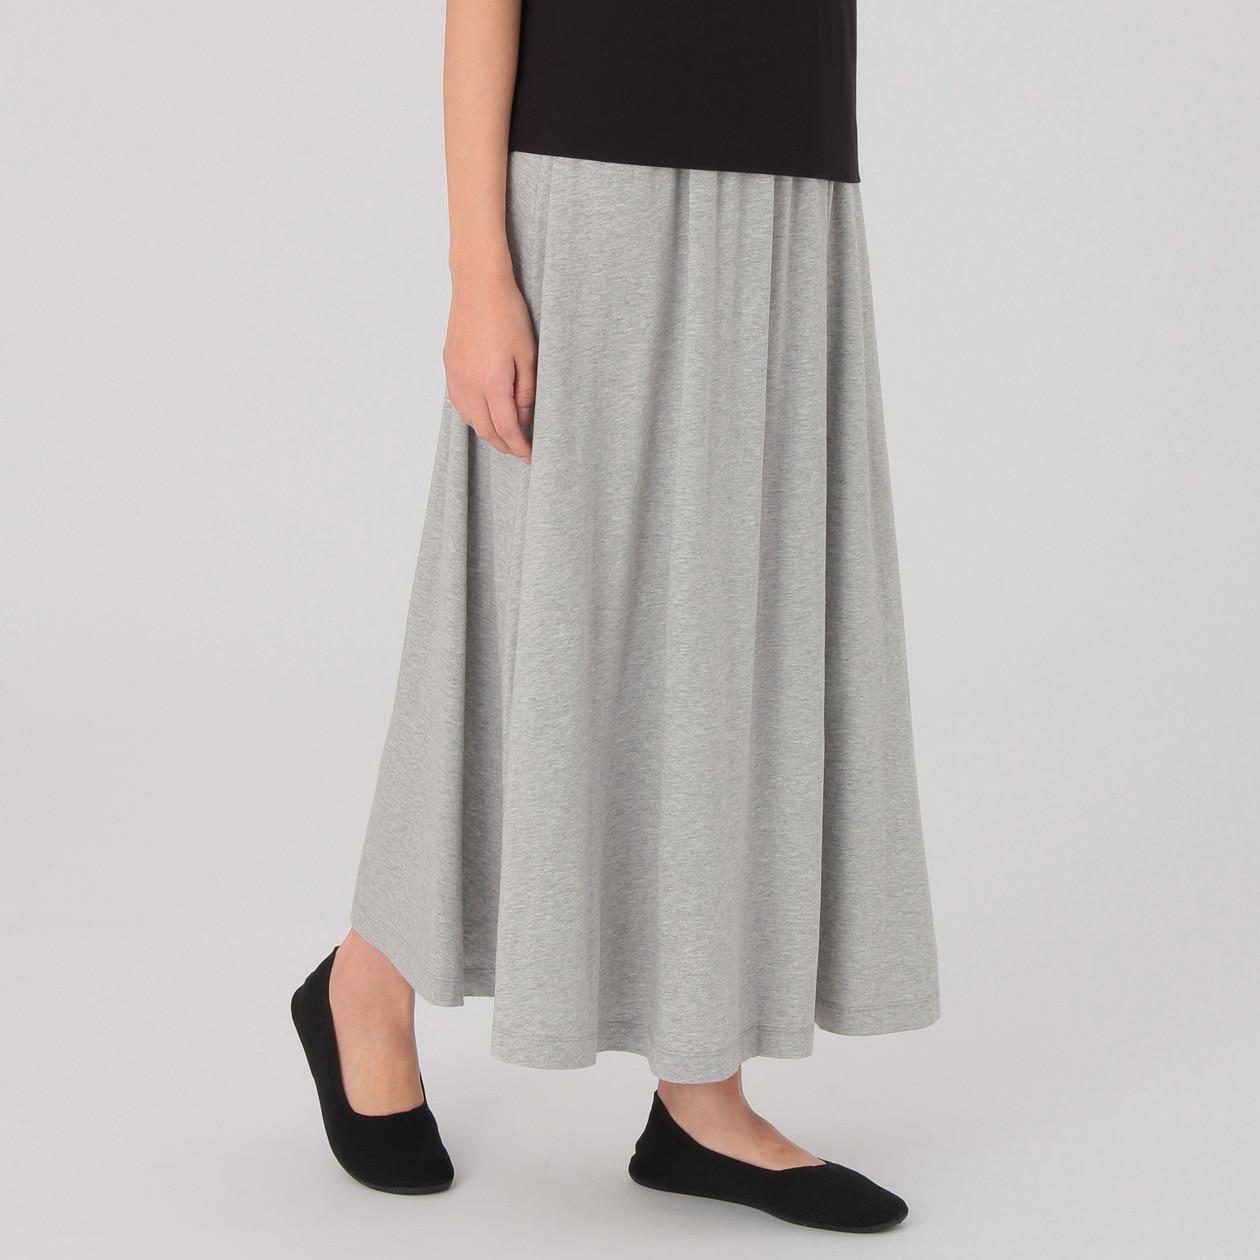 オーガニックコットン縦横ストレッチチノイージーバルーンスカート 婦人S・ベージュ   無印良品ネット